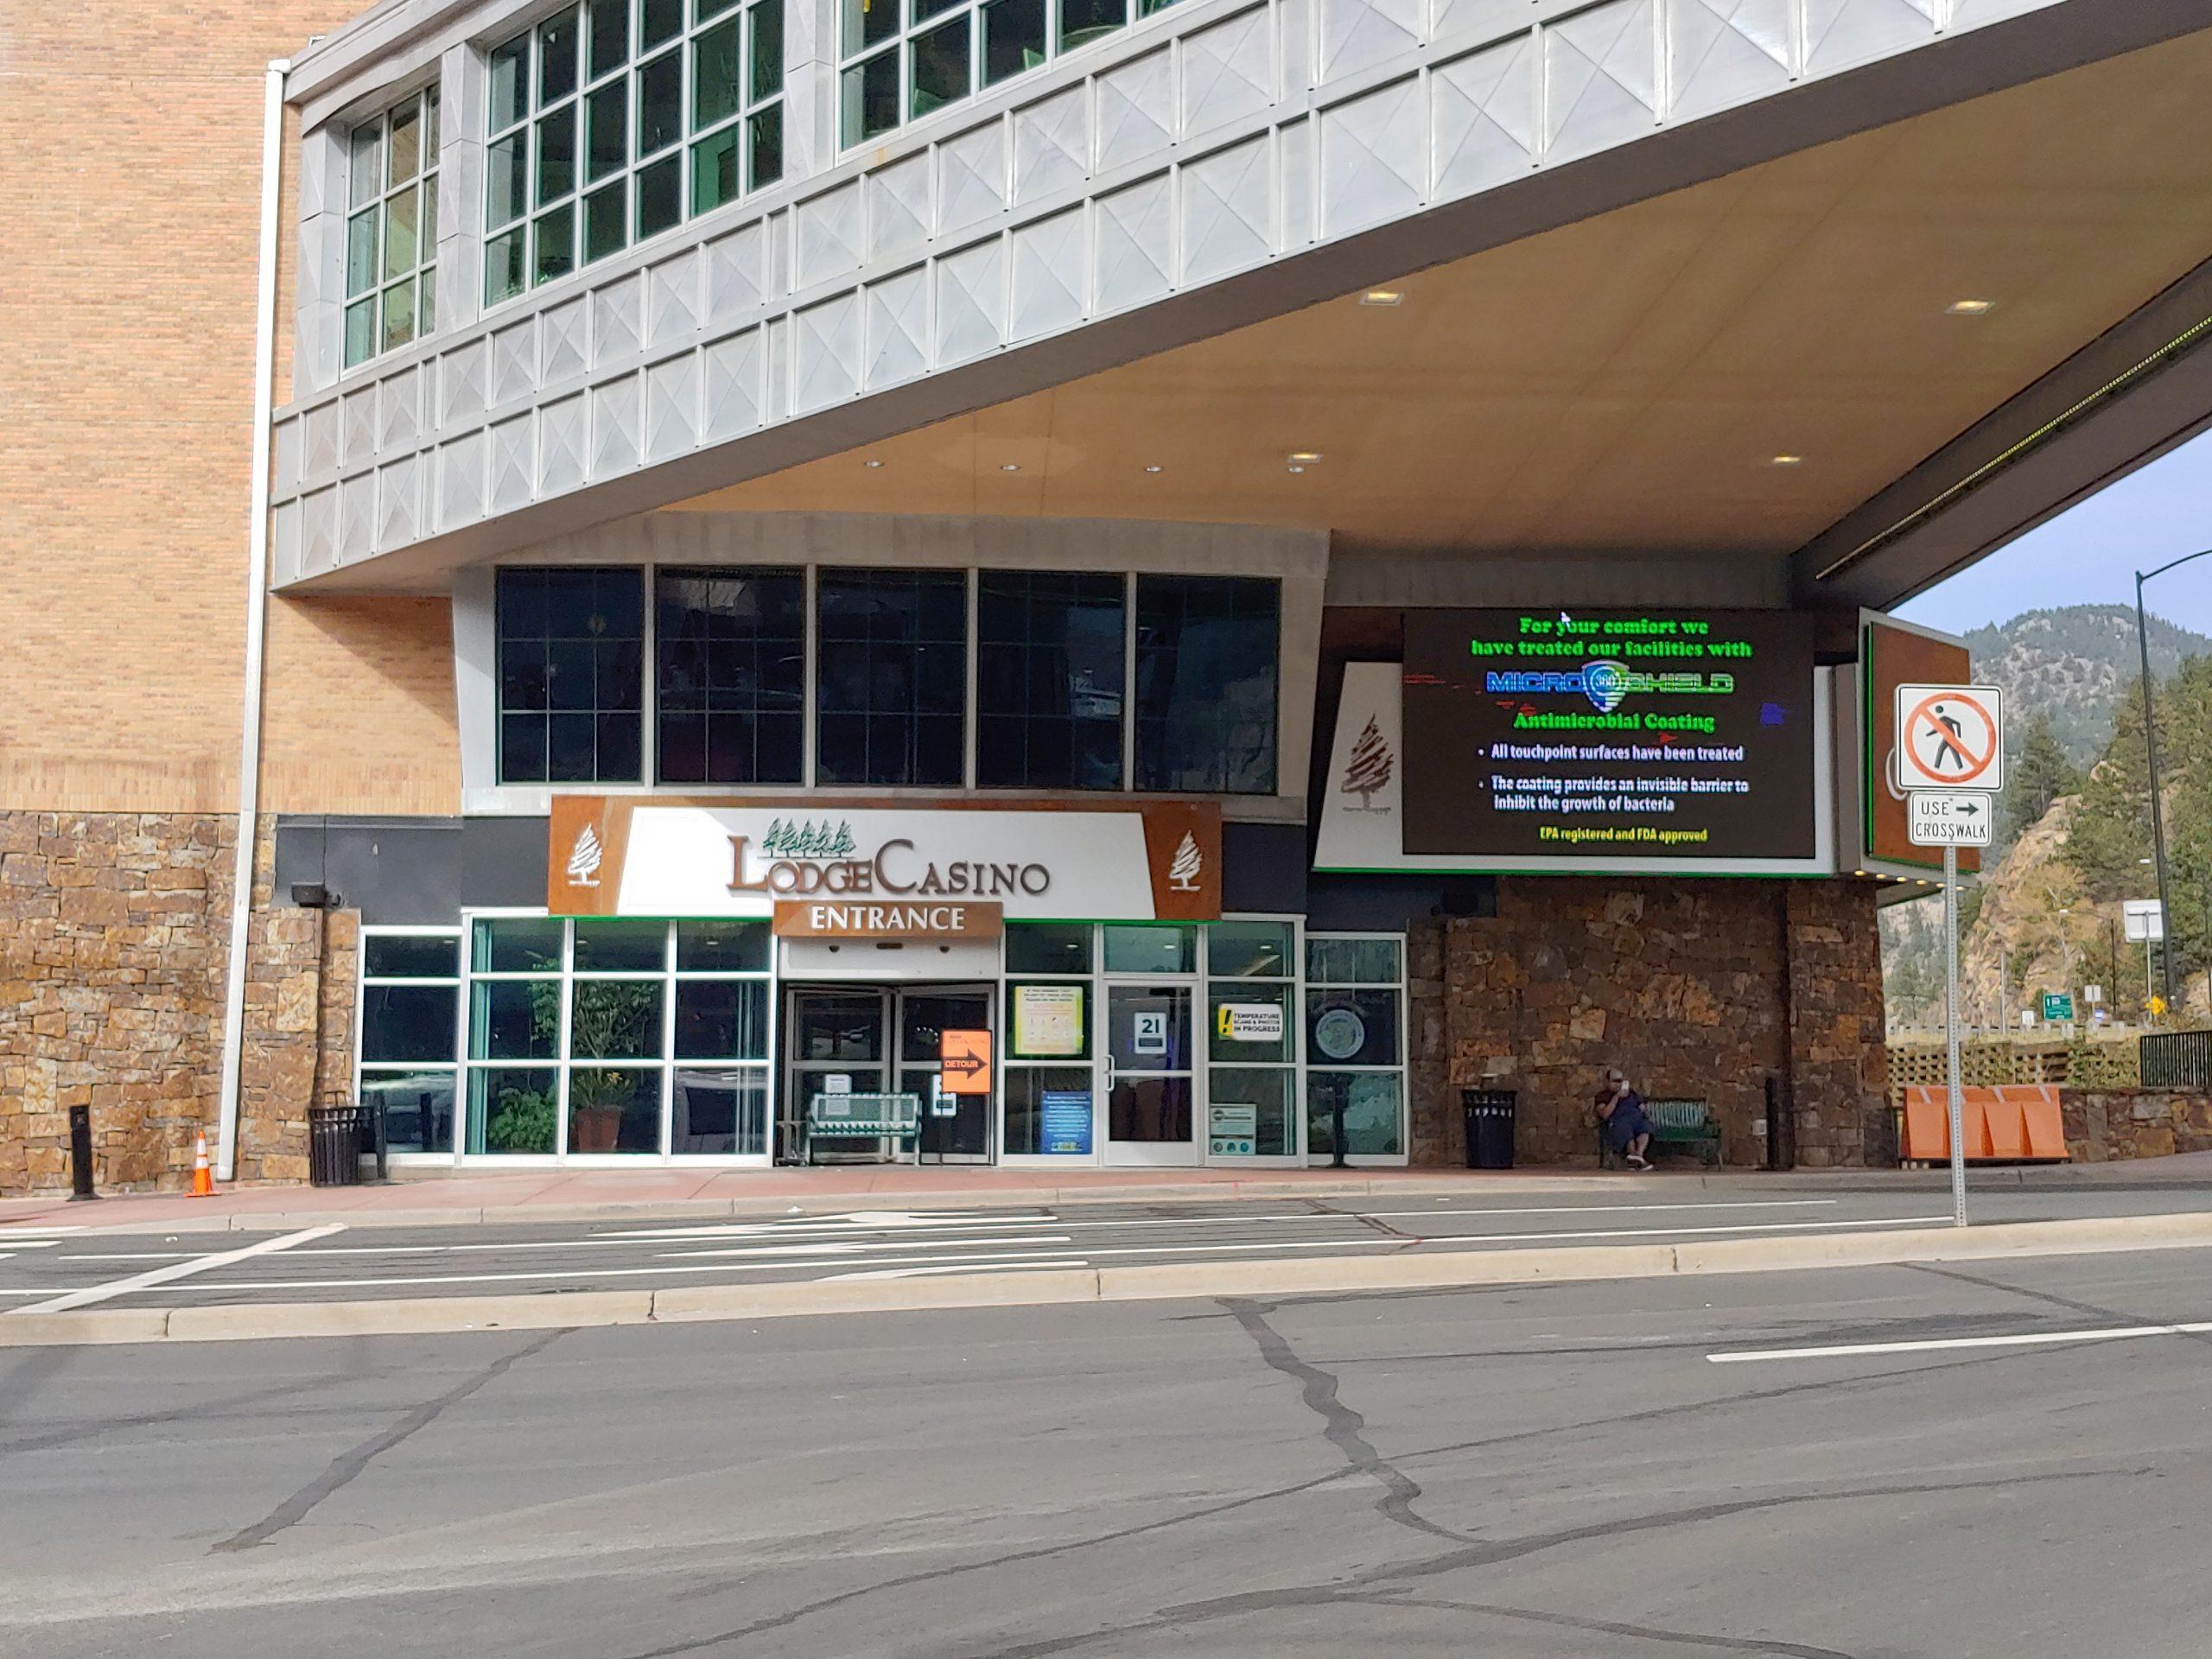 The Lodge Casino 09